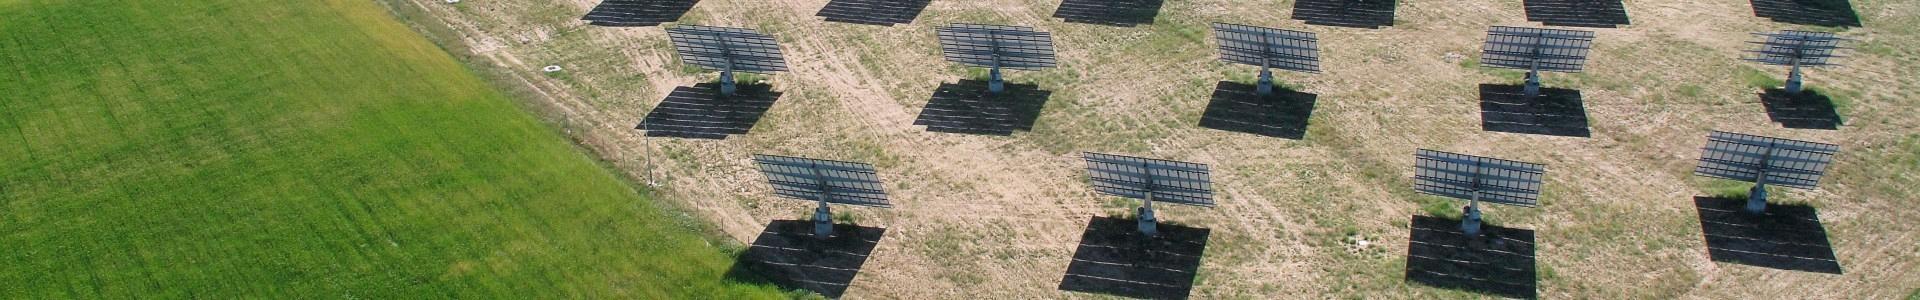 Gestión integral de mantenimiento de instalaciones fotovoltaicas